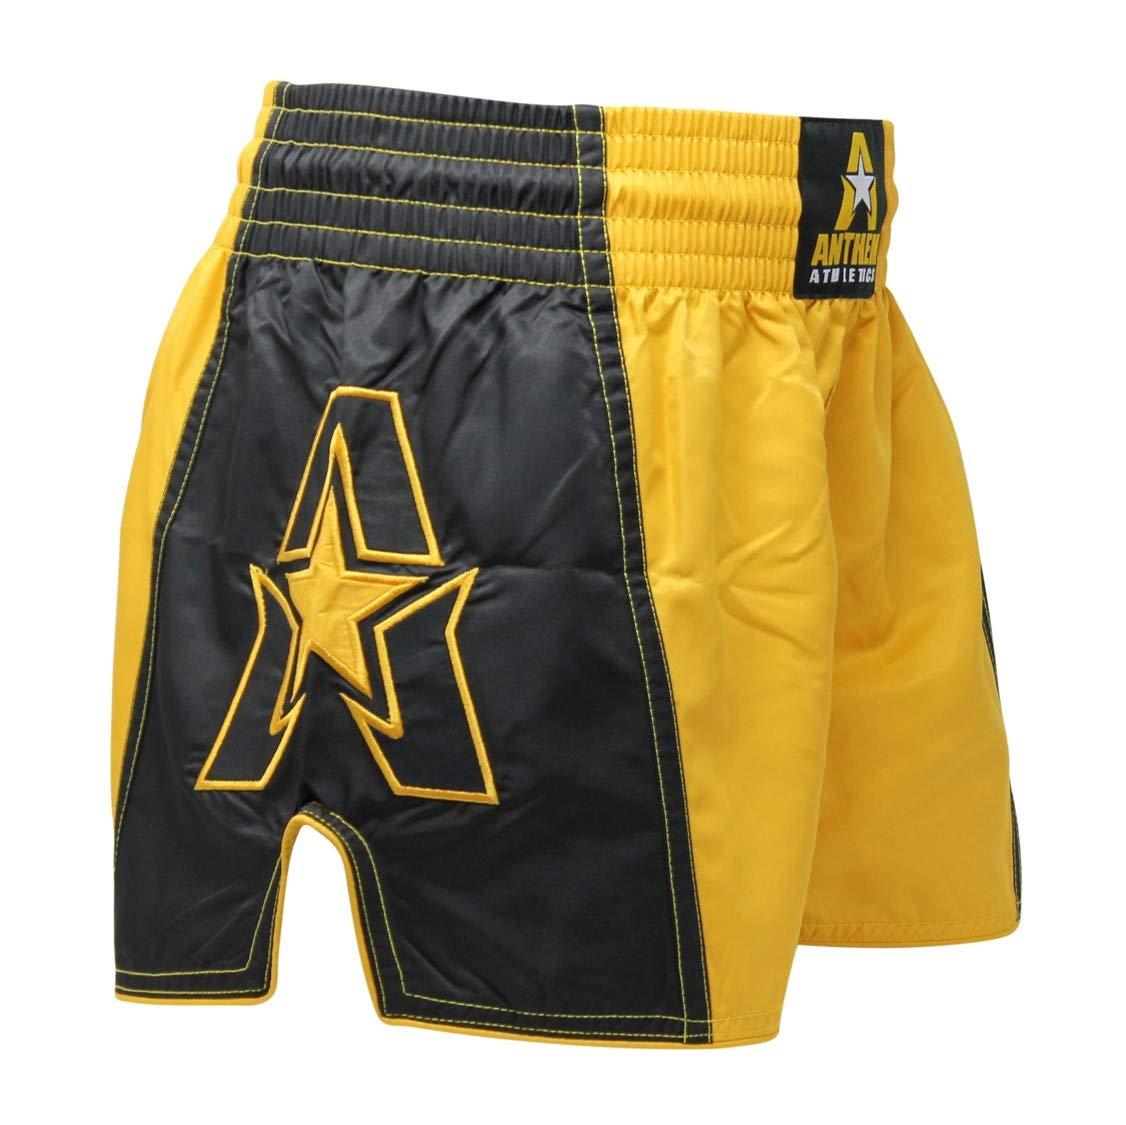 Anthem Athletics Infinity G2 Muay Thai Shorts